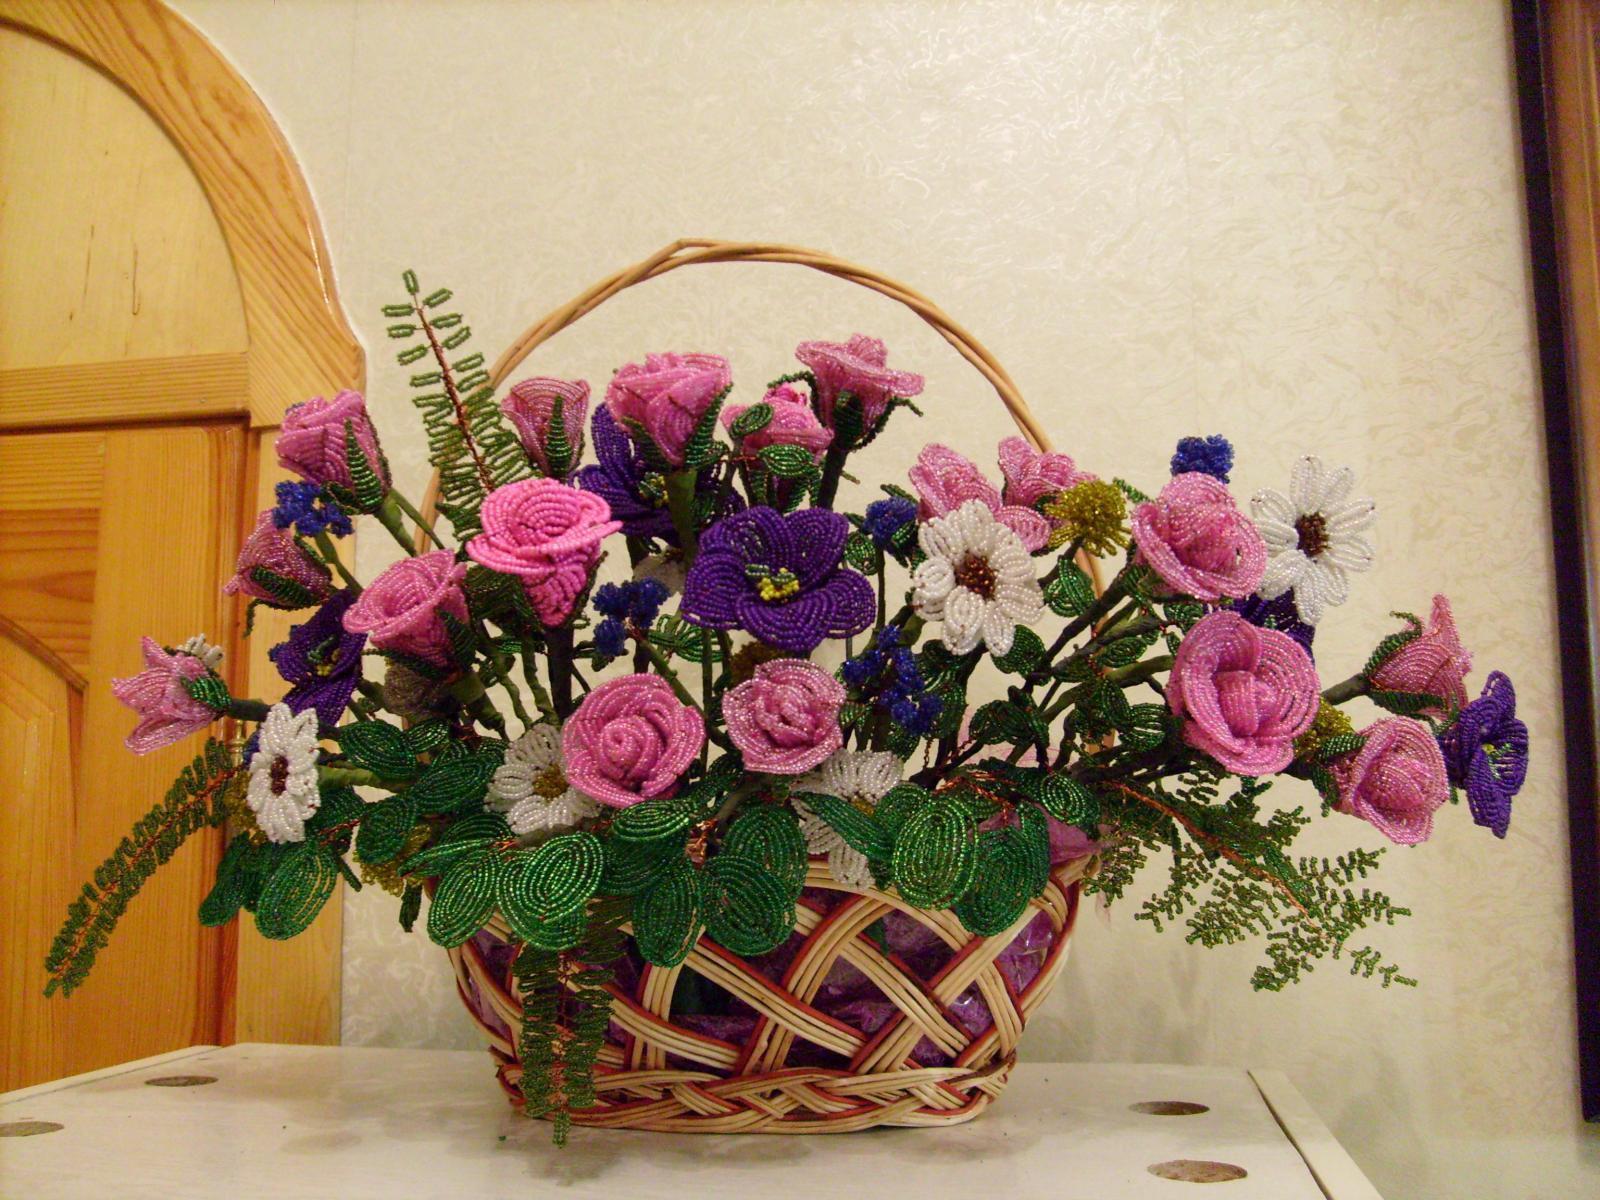 цветы в корзине из бисера фото блузку юбкой